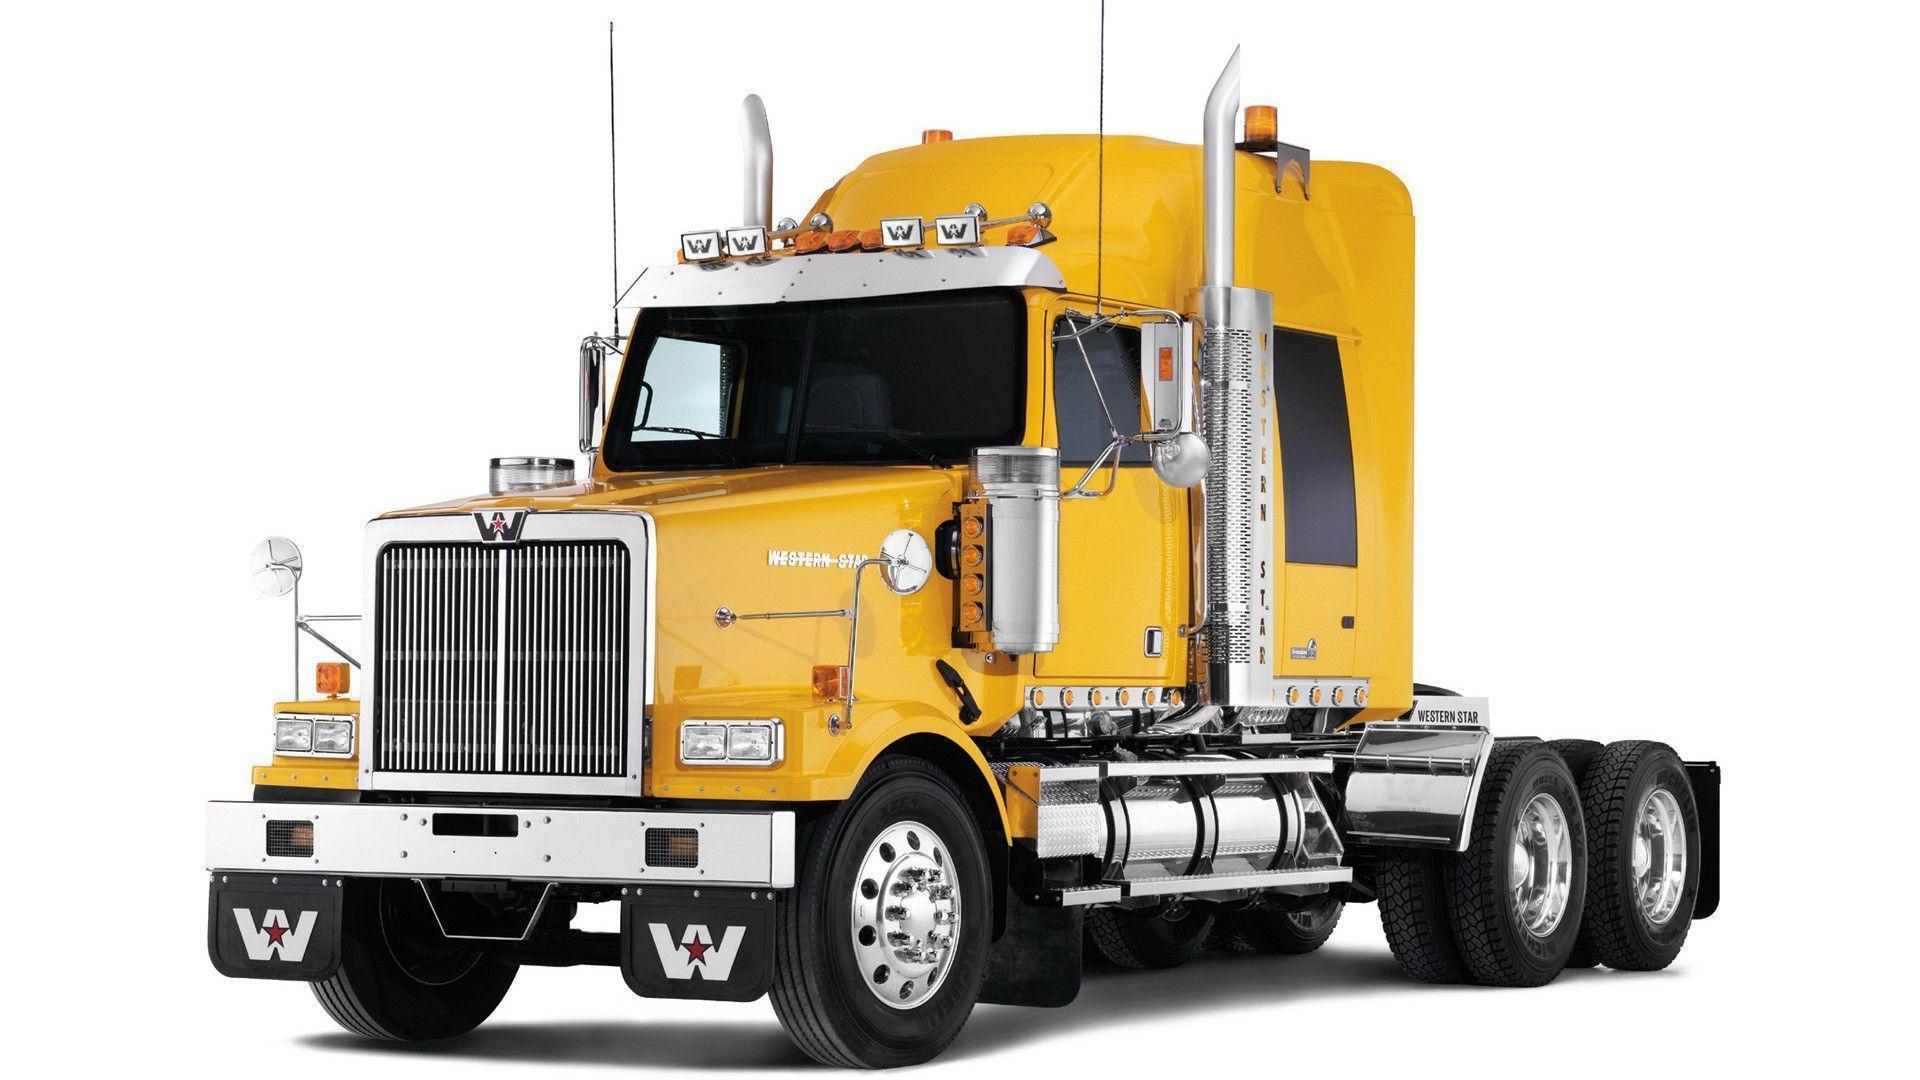 truck desktop backgrounds